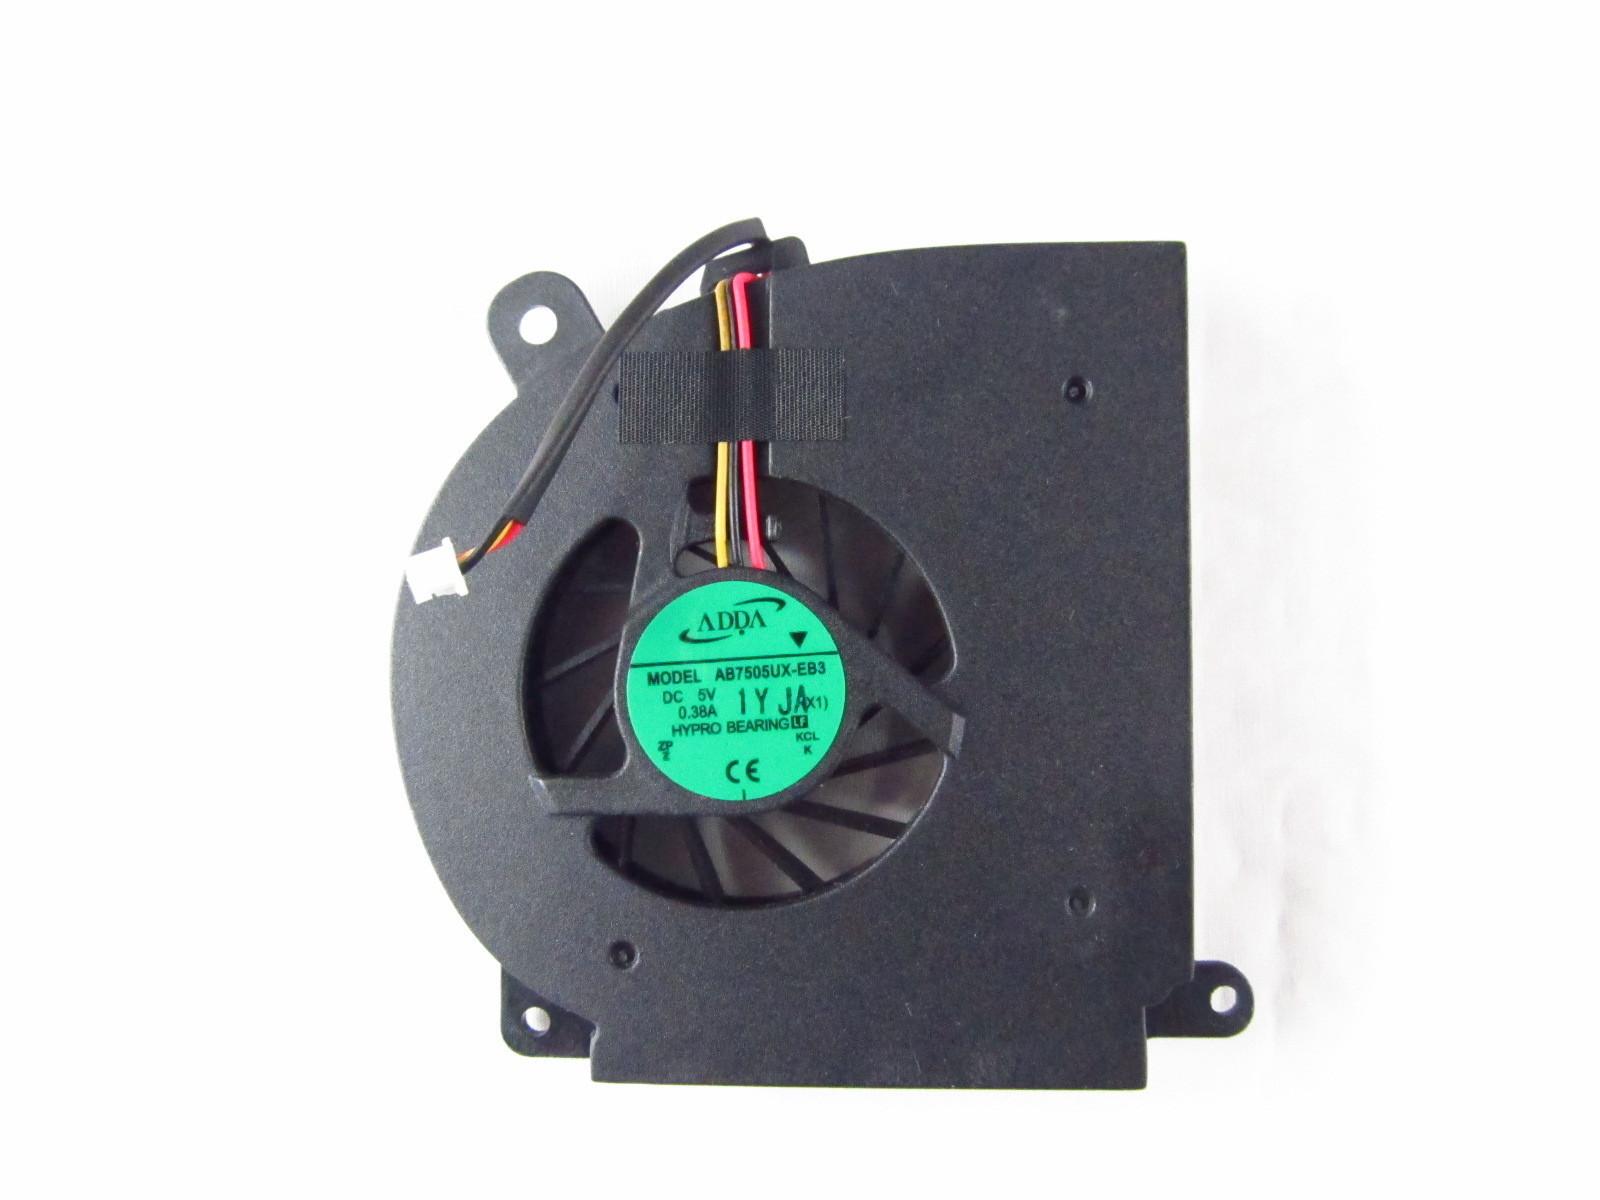 Ventilátor chlazení pro notebooky Acer Aspire 3100 3110 3102 3104 5100 5110 5200 3600